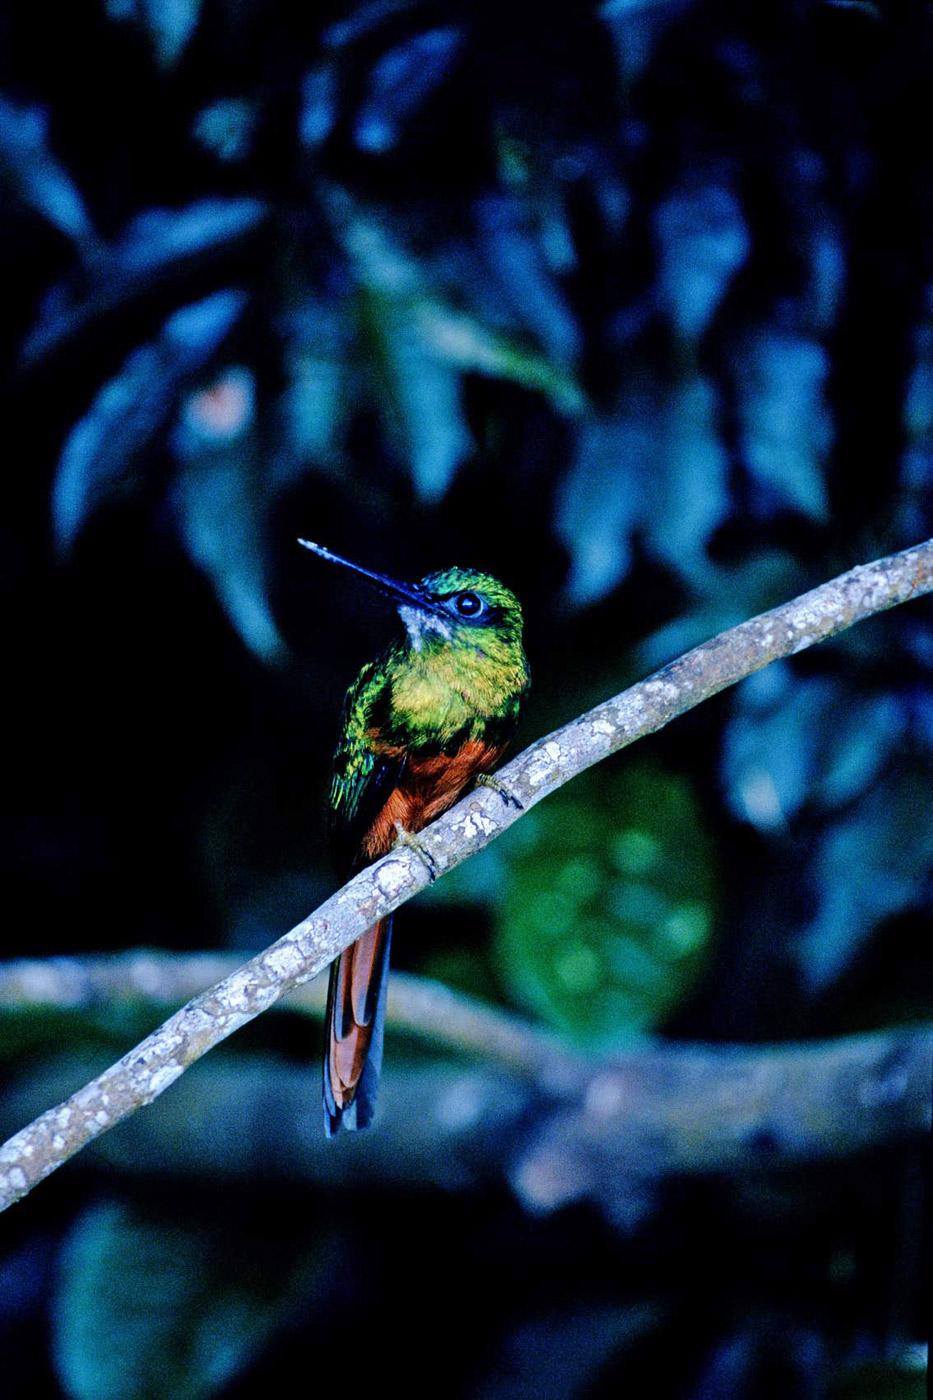 rufus-tailed-jacamar